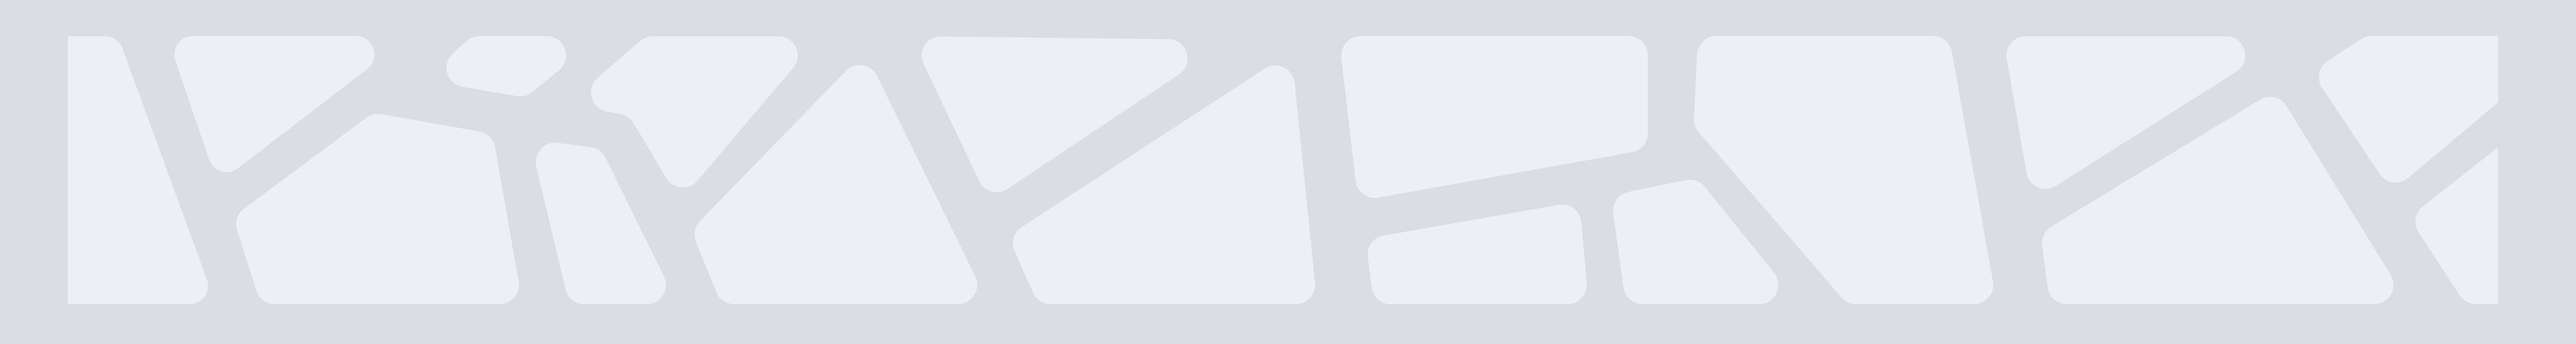 Ilustración de clipart de suelo en PNG, SVG